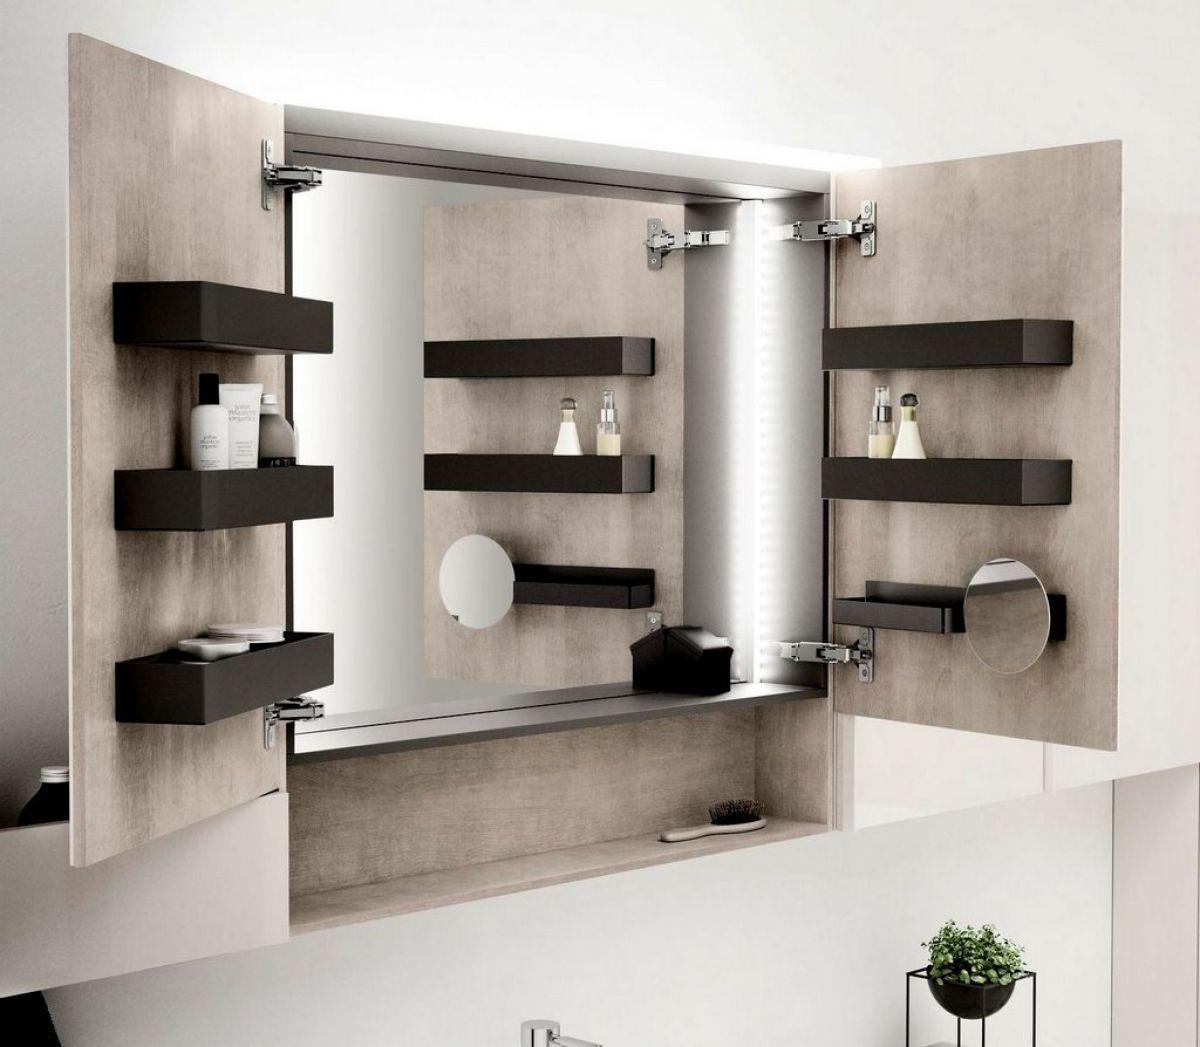 Geberit Acanto Two Door Mirror Cabinet With Lighting In 2019